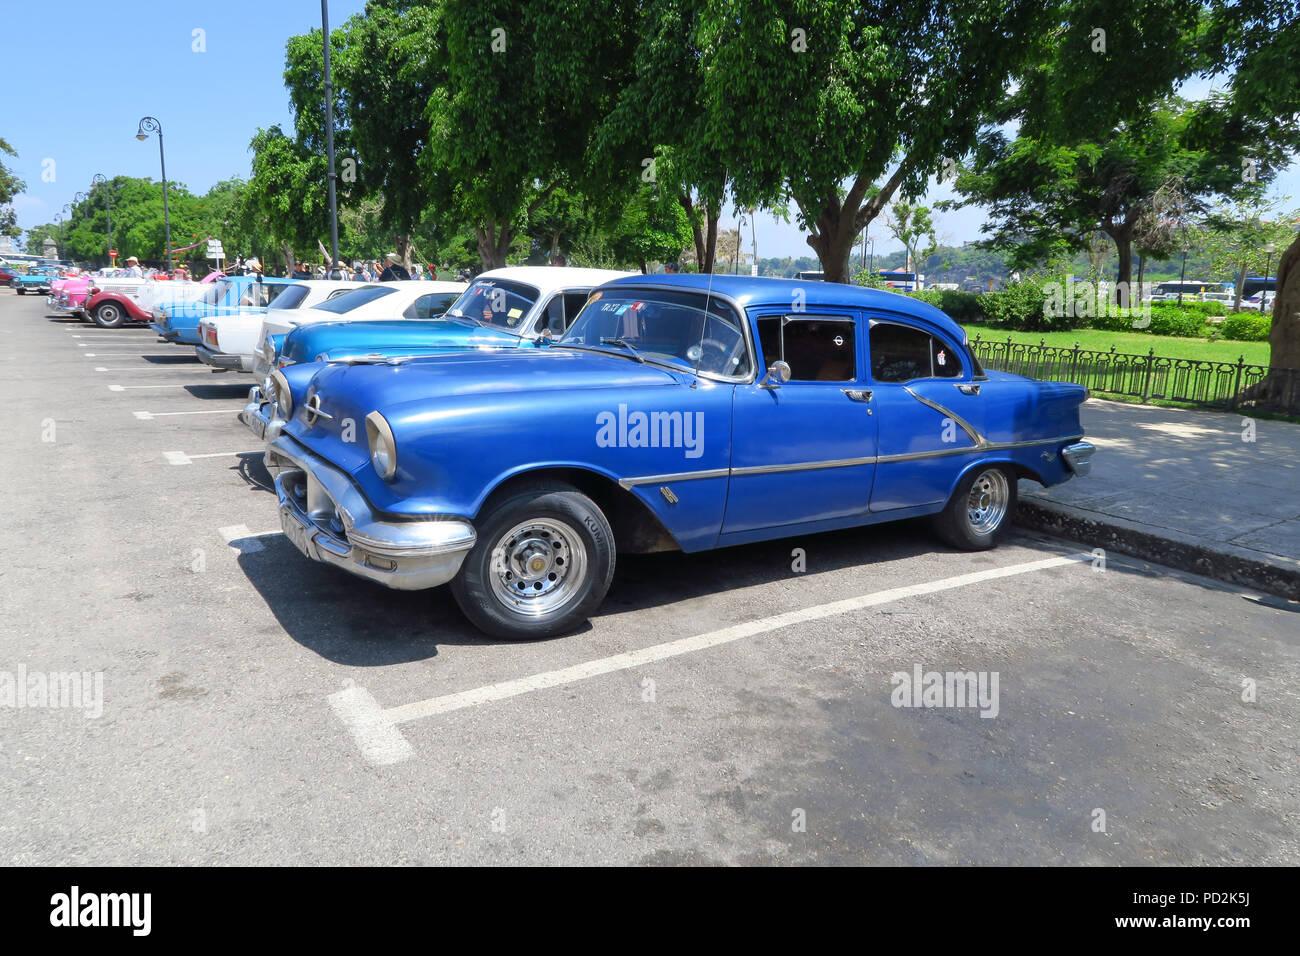 Havana Cuba dating gratis dating site in USA 2014